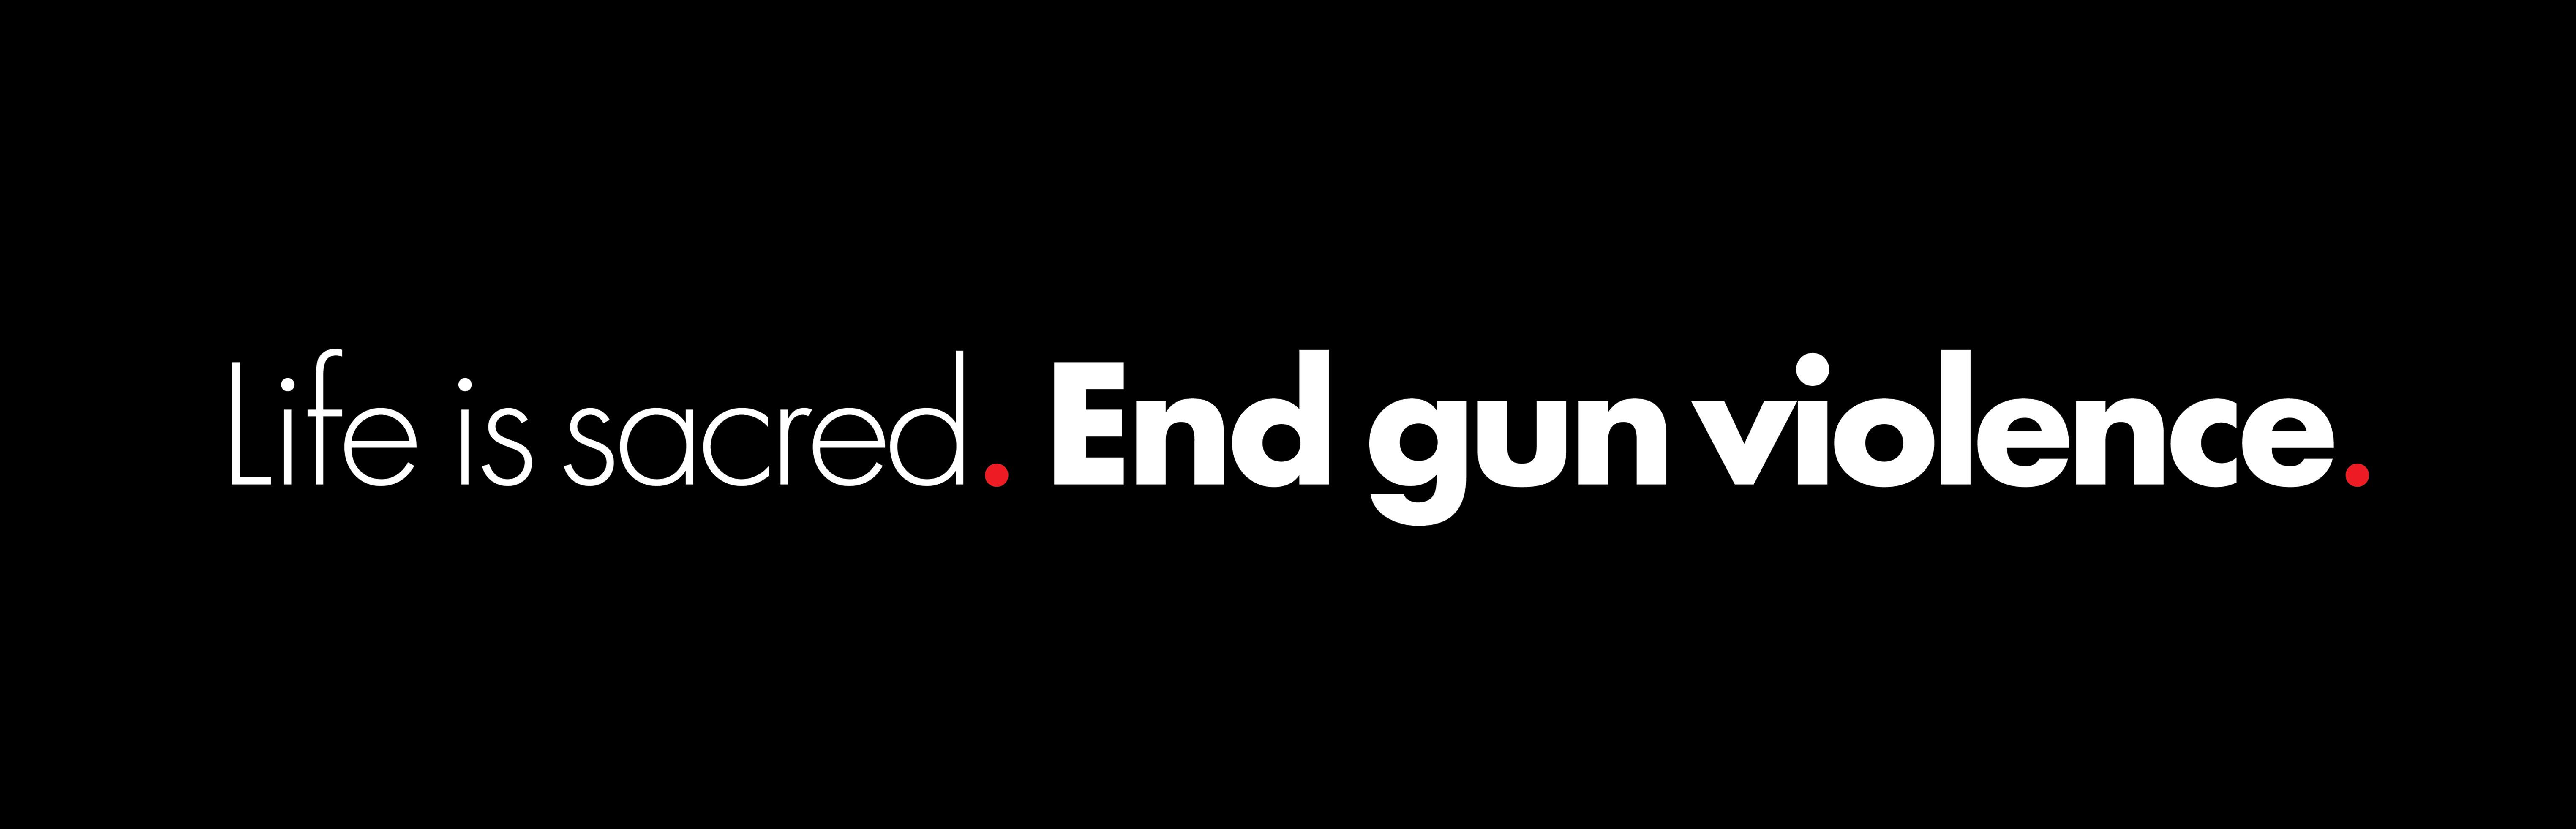 end-gun-violence